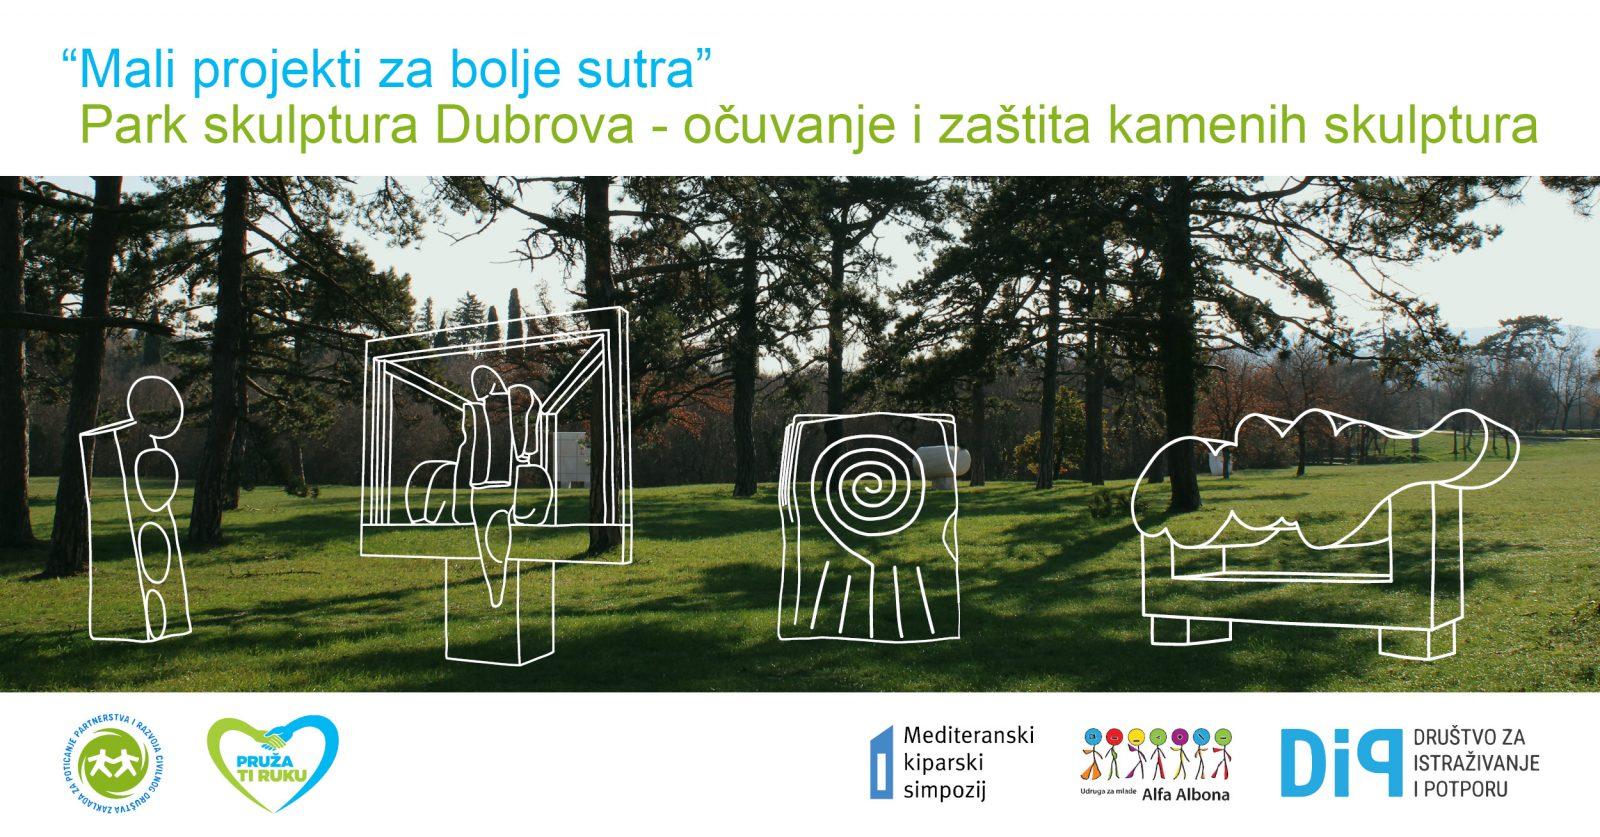 Park skulptura Dubrova – očuvanje i zaštitakamenih skulptura